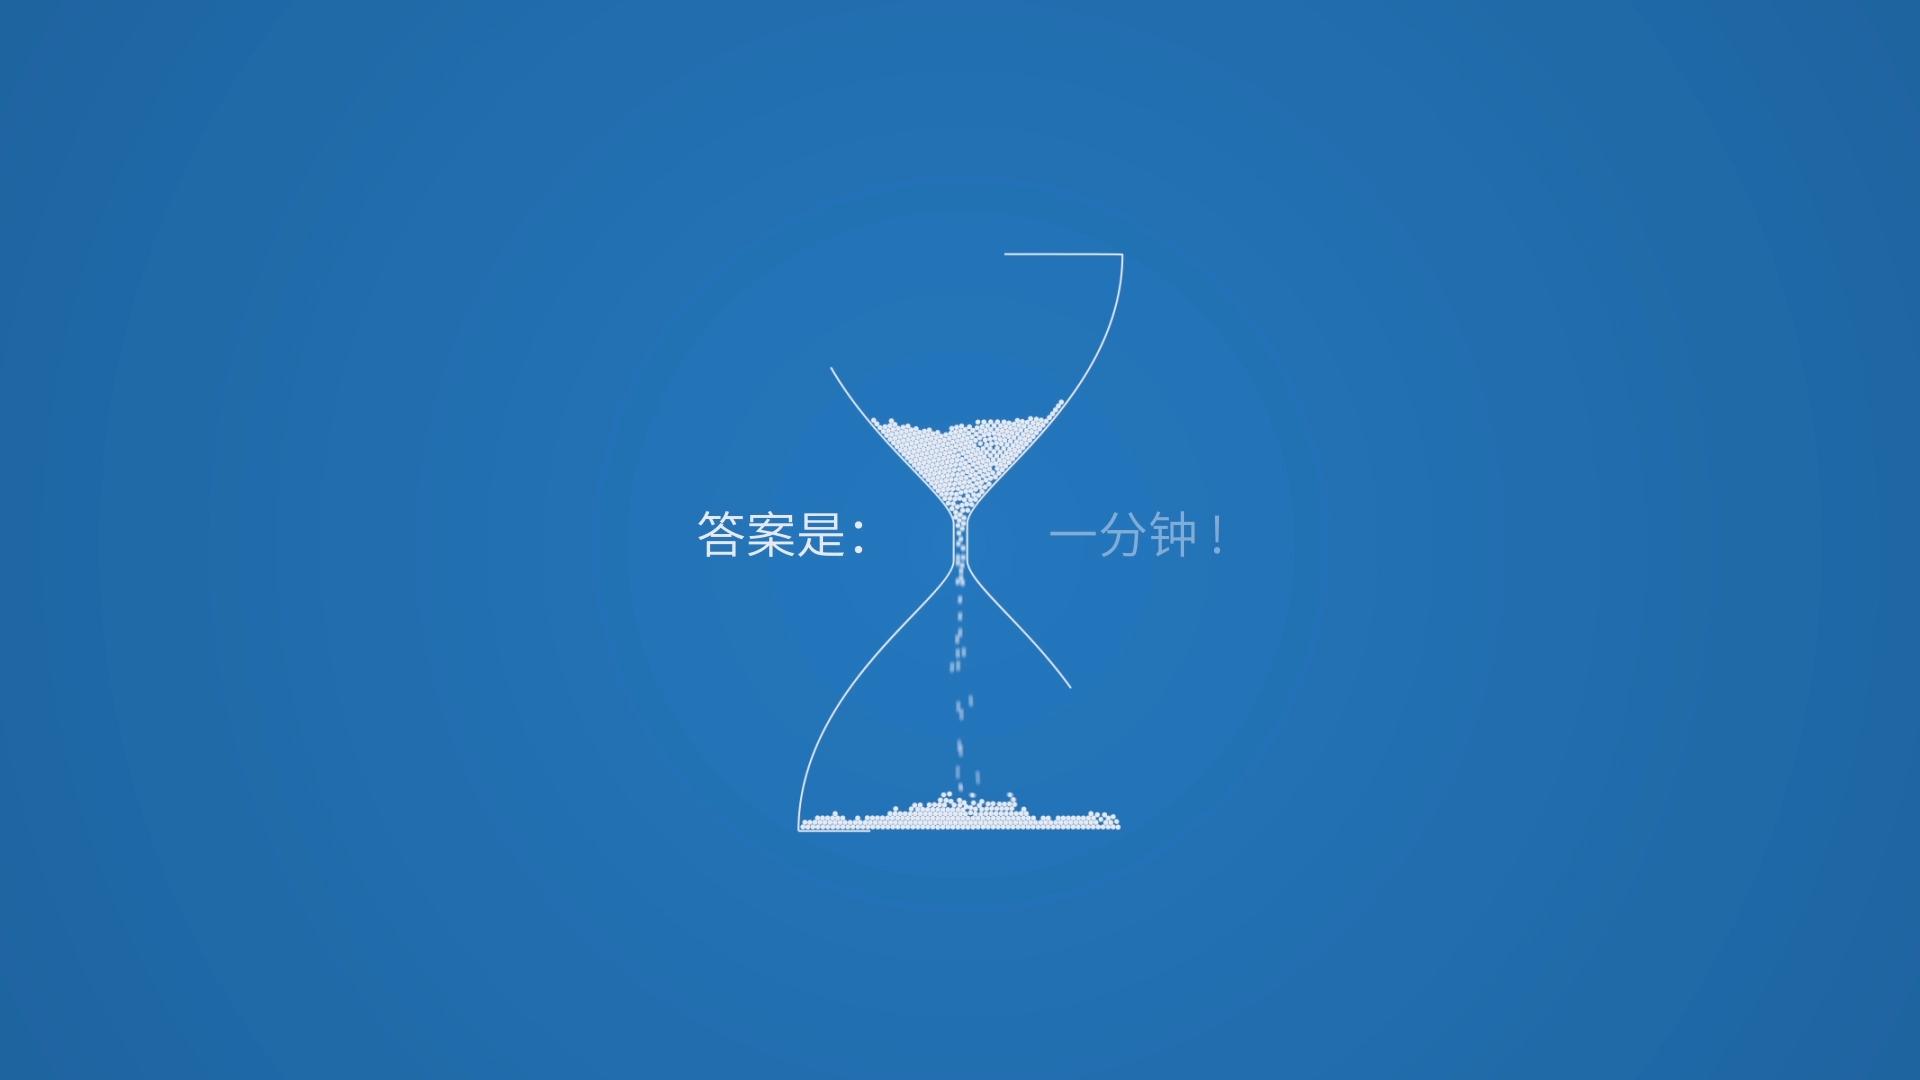 中国学习网mg